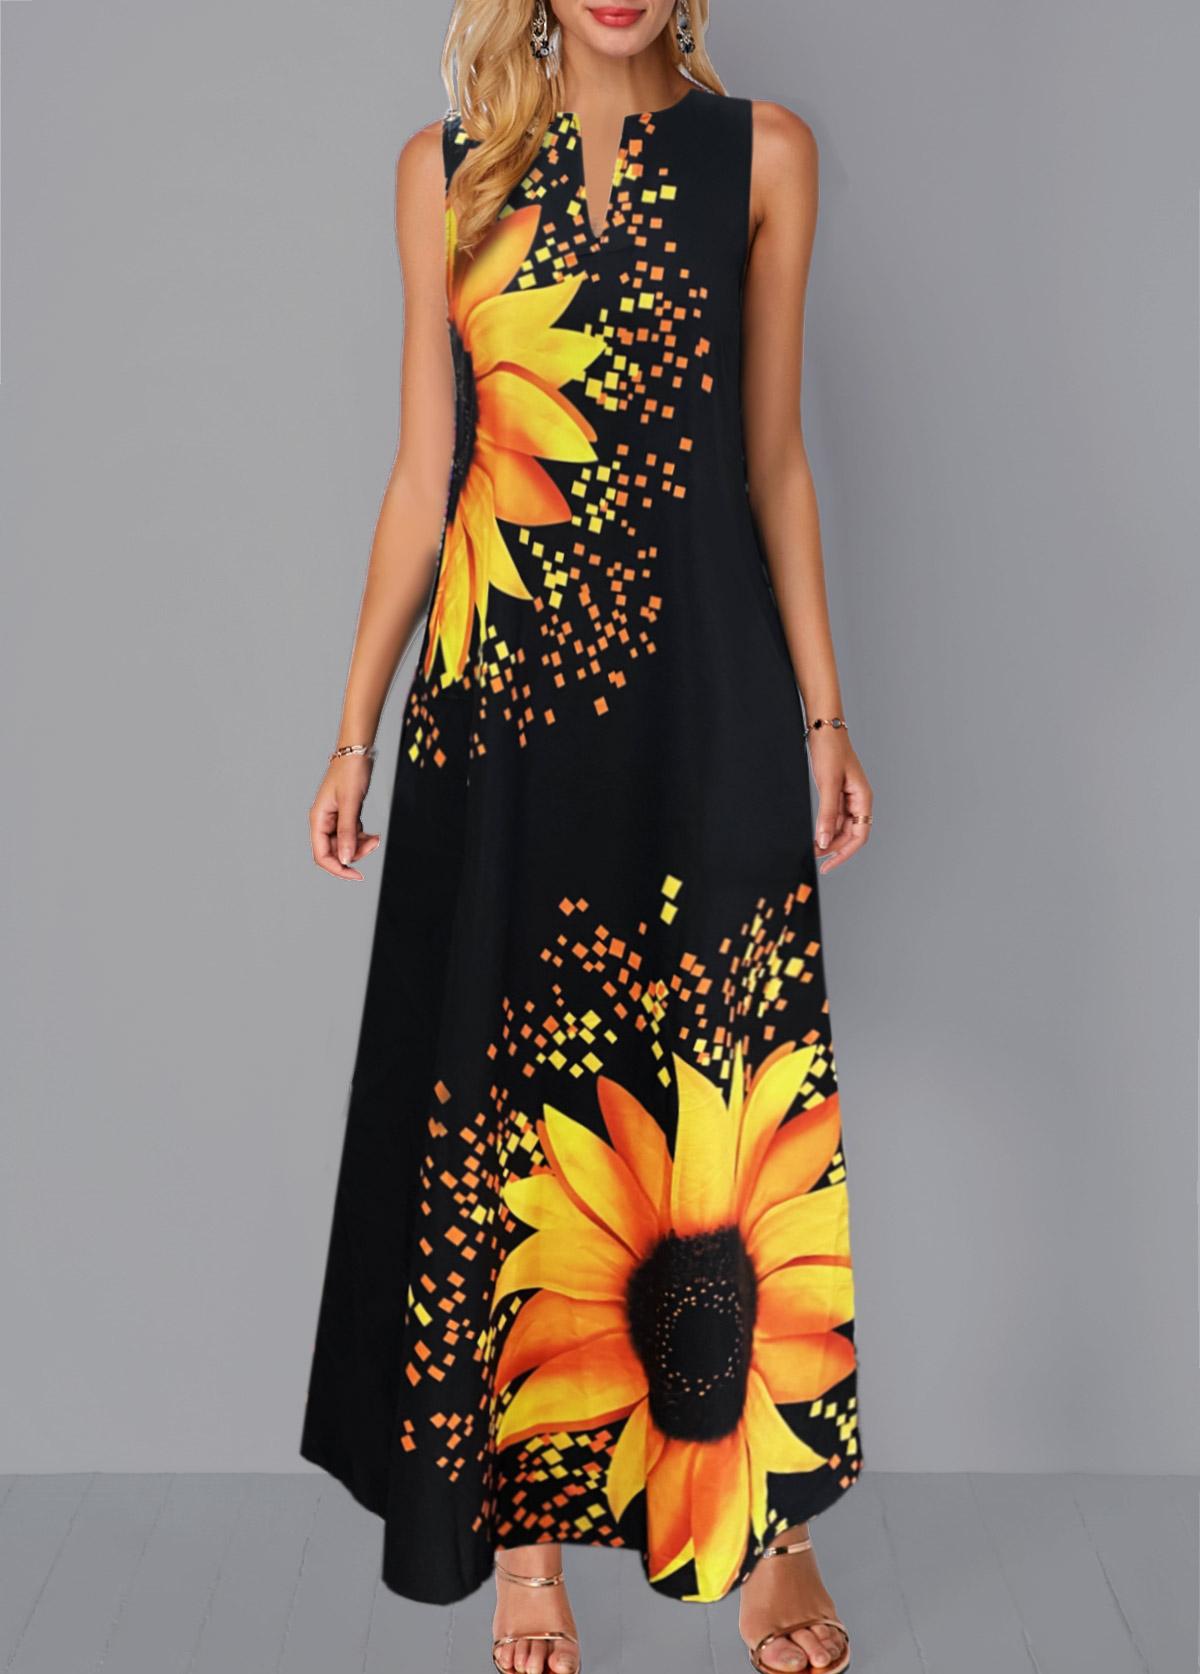 Sleeveless Split Neck Sunflower Print Dress